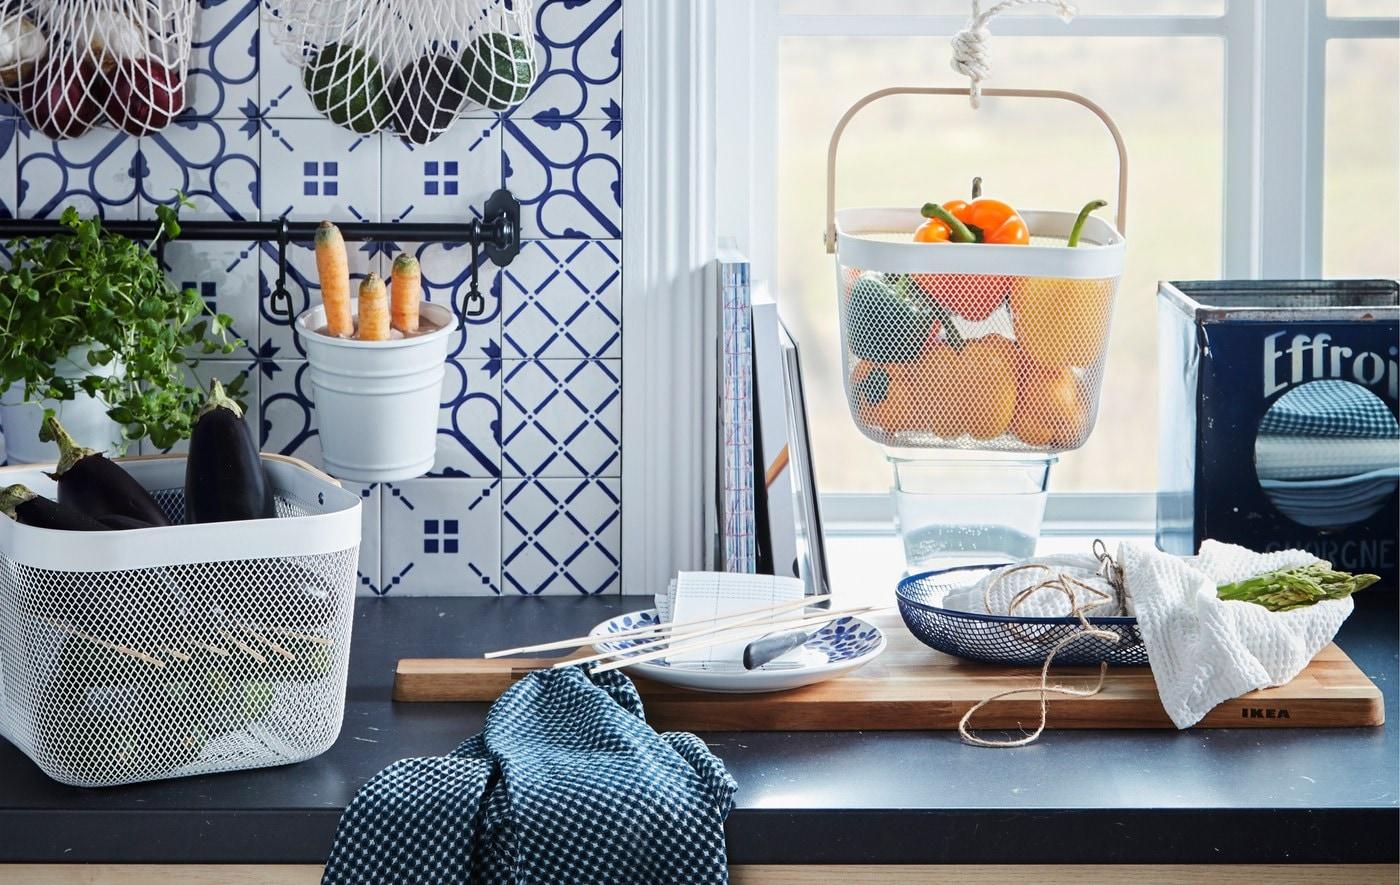 Kuchyně s deskou a závěsnými či stojacími kontejnery, jako jsou síťovky KUNGSFORS a  košíky RISATORP.